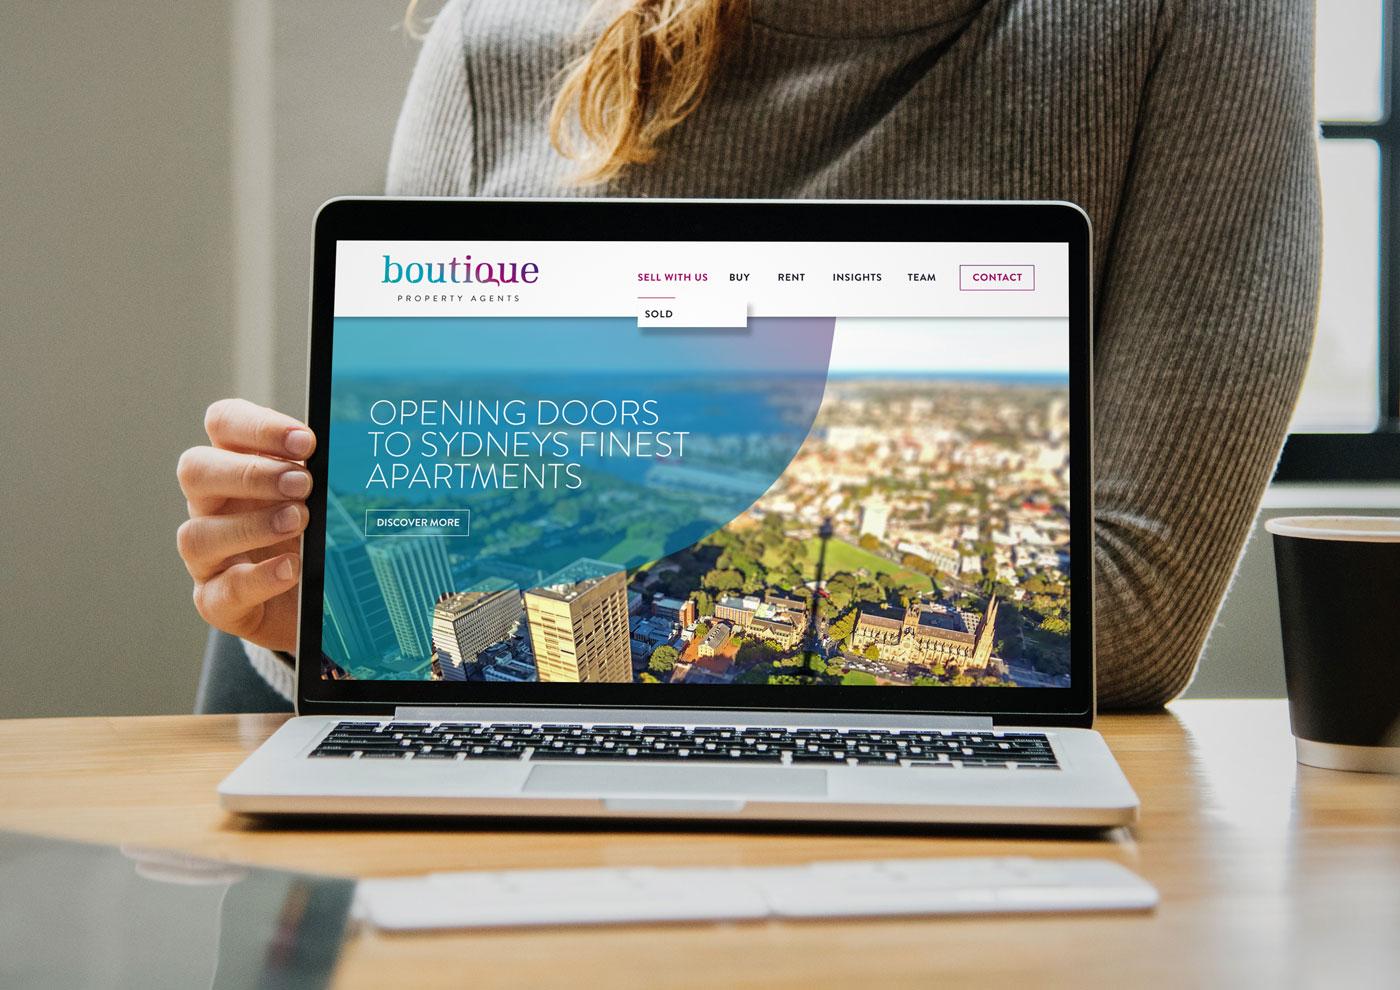 Boutique Property Agents Website